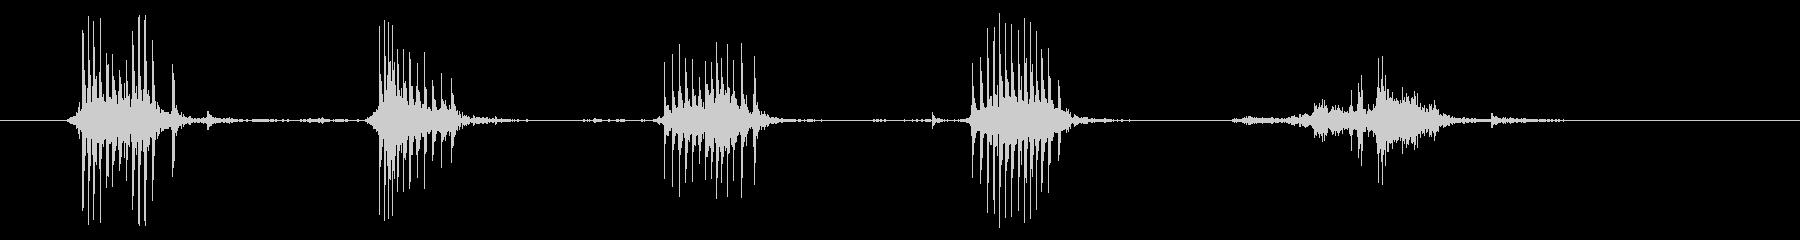 タイプライター02-09(紙 取り出す)の未再生の波形